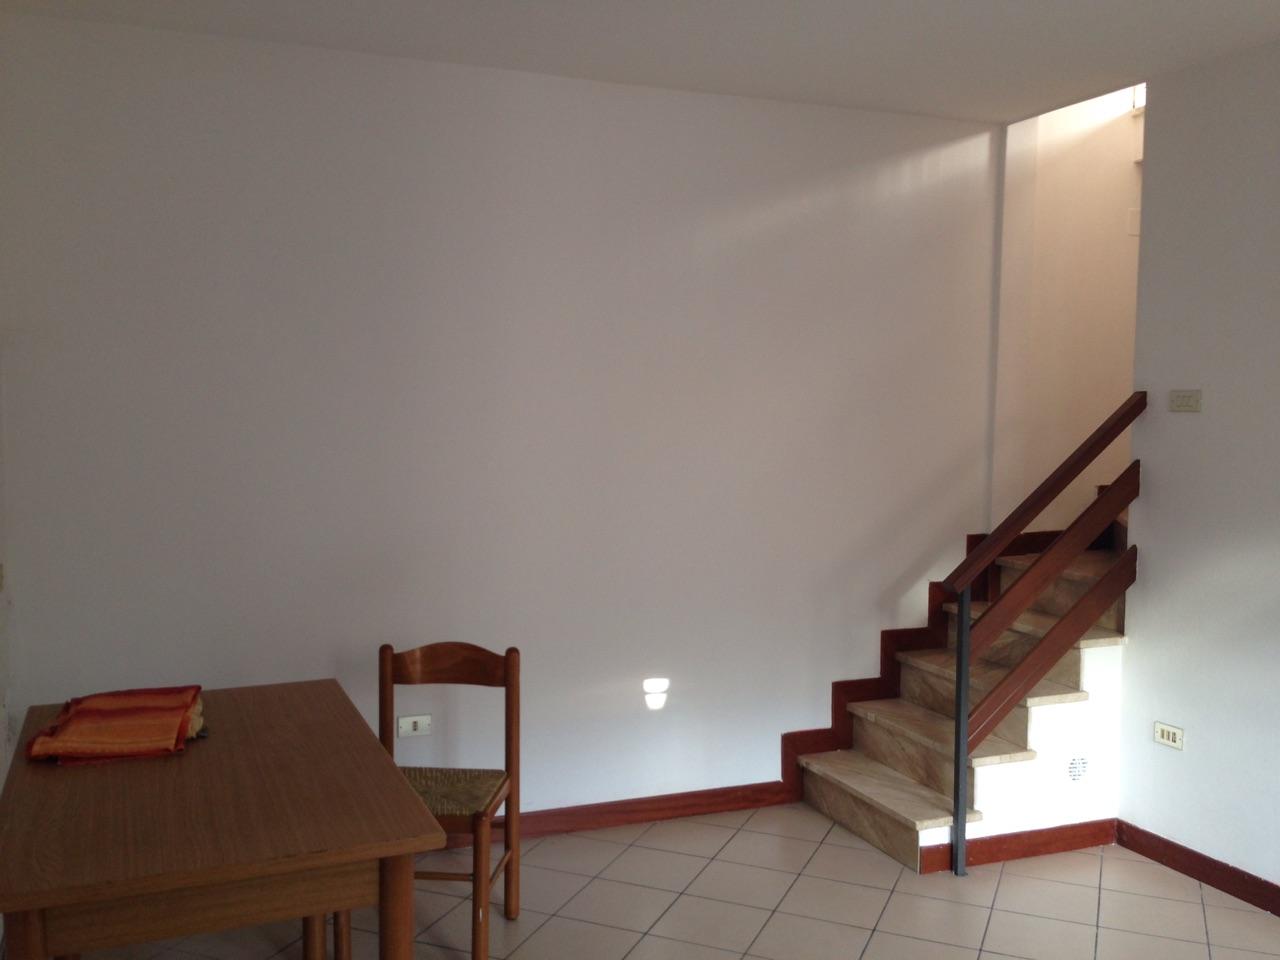 Appartamento in vendita a Ferrara, 2 locali, zona Località: FuoriMura-ZonaNord-Ovest, prezzo € 55.000 | Cambio Casa.it